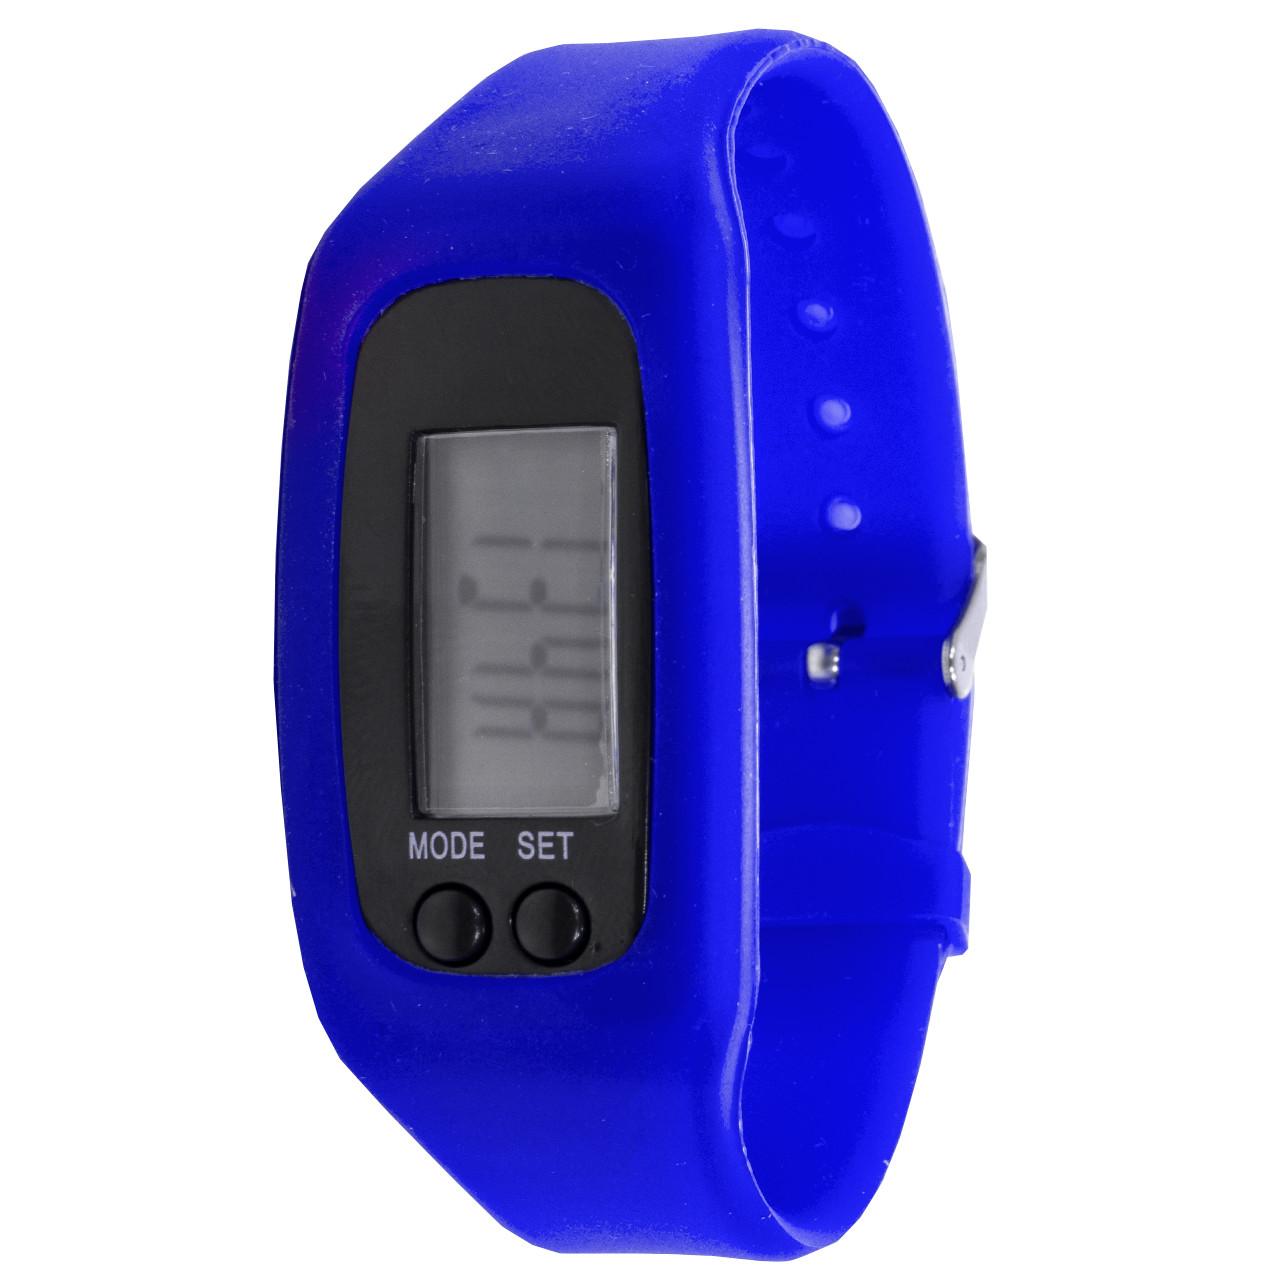 """ϞЧасы Lesko LED SKL Blue для активного образа жизни дисплей 1"""" силиконовый ремешок шагомер"""